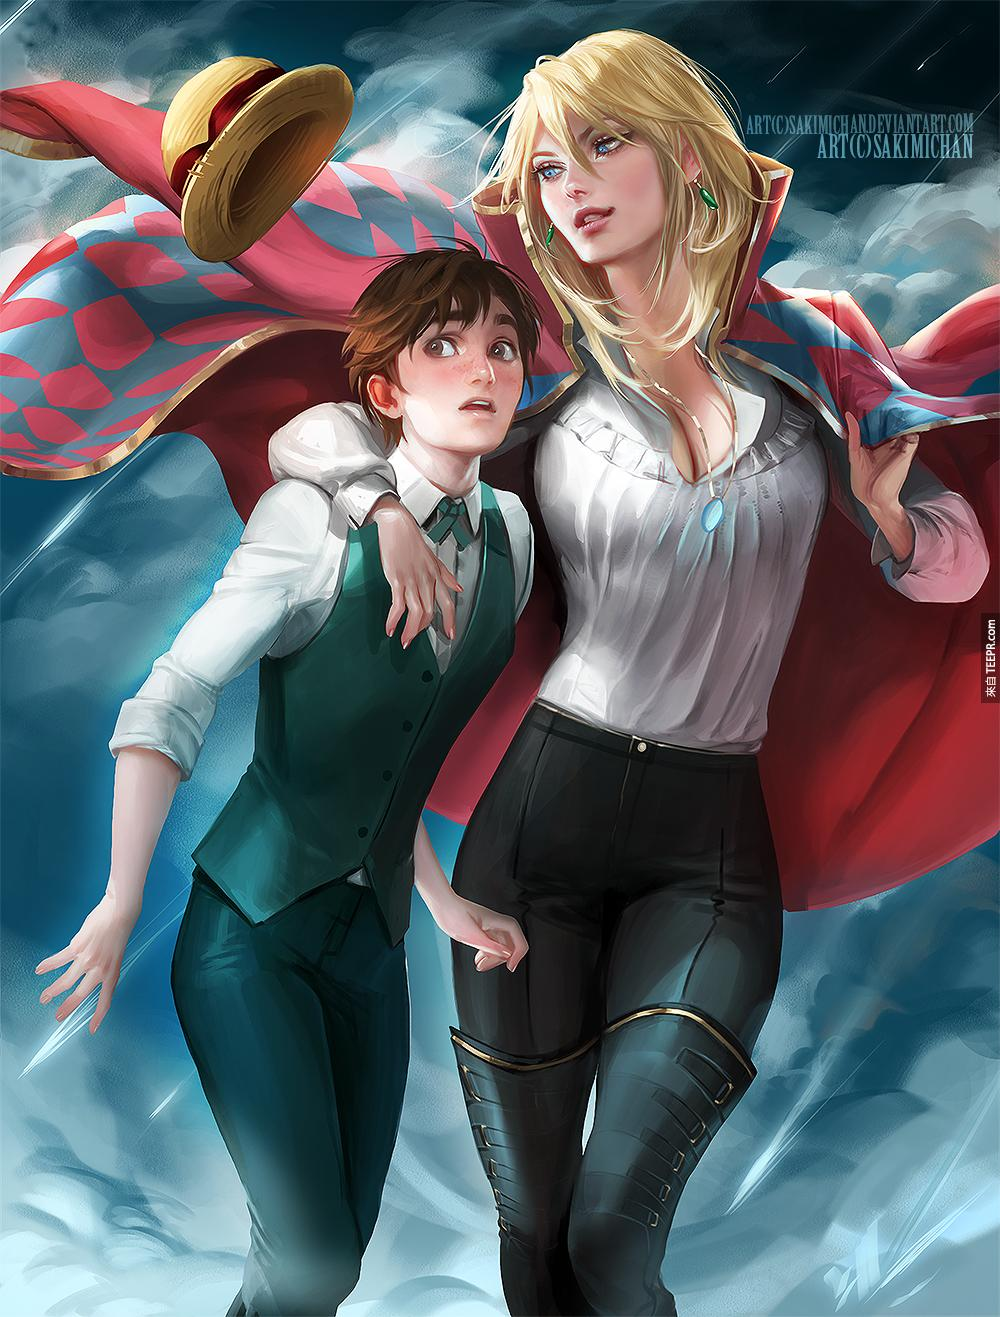 這些我們最愛的卡通人物都被換了性別,結果一點都不怪,反而超酷的!